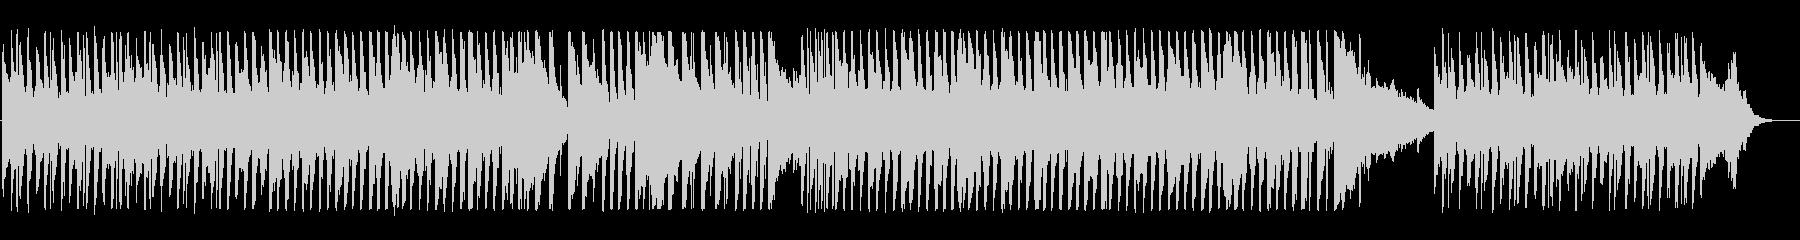 さわやかで軽快なピアノポップスの未再生の波形